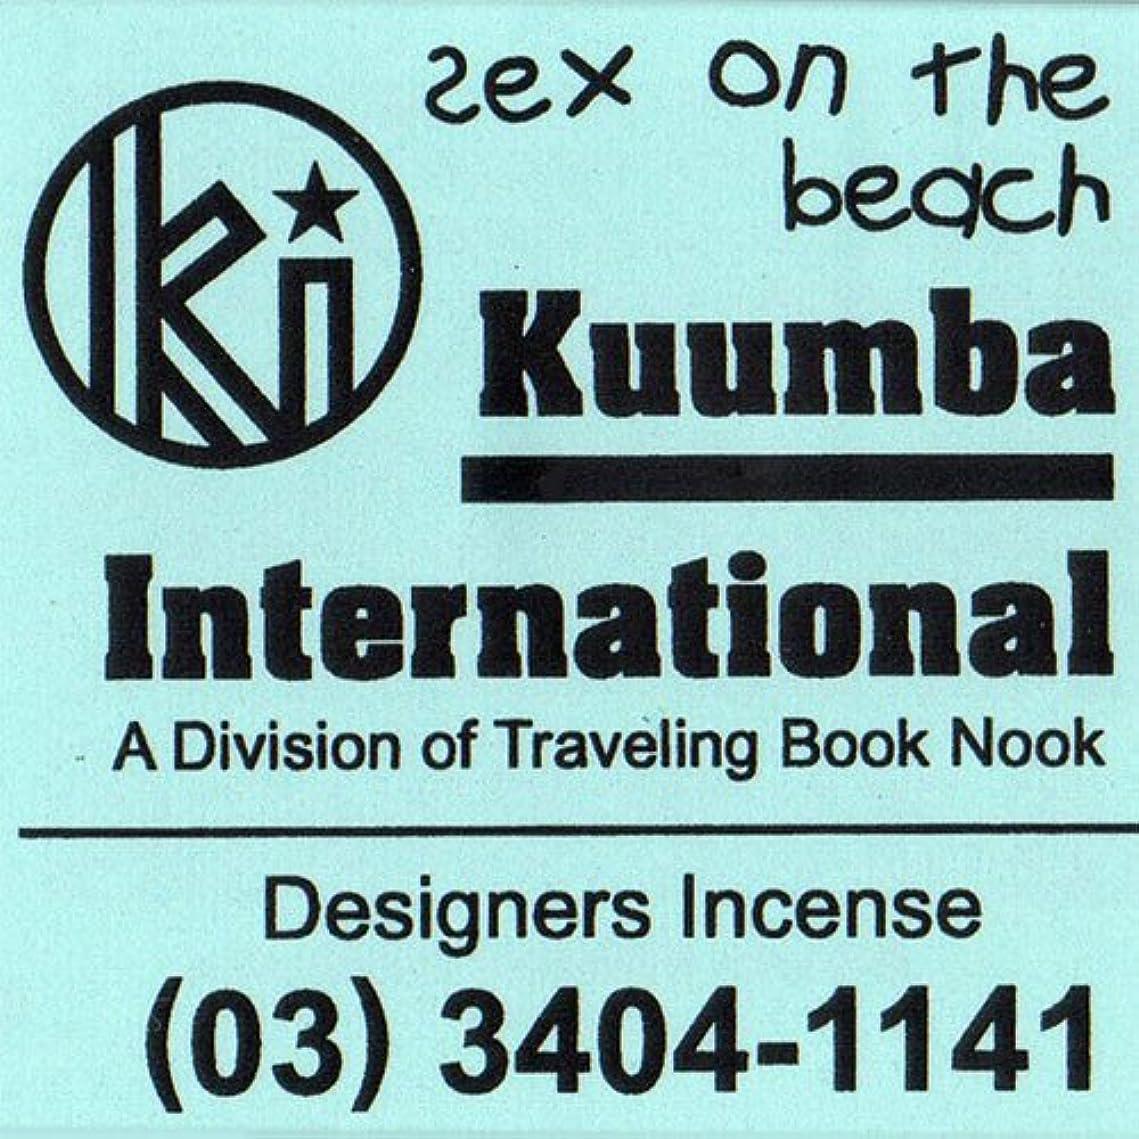 集計認可競合他社選手KUUMBA / クンバ『incense』(SEX ON THE BEACH) (Regular size)